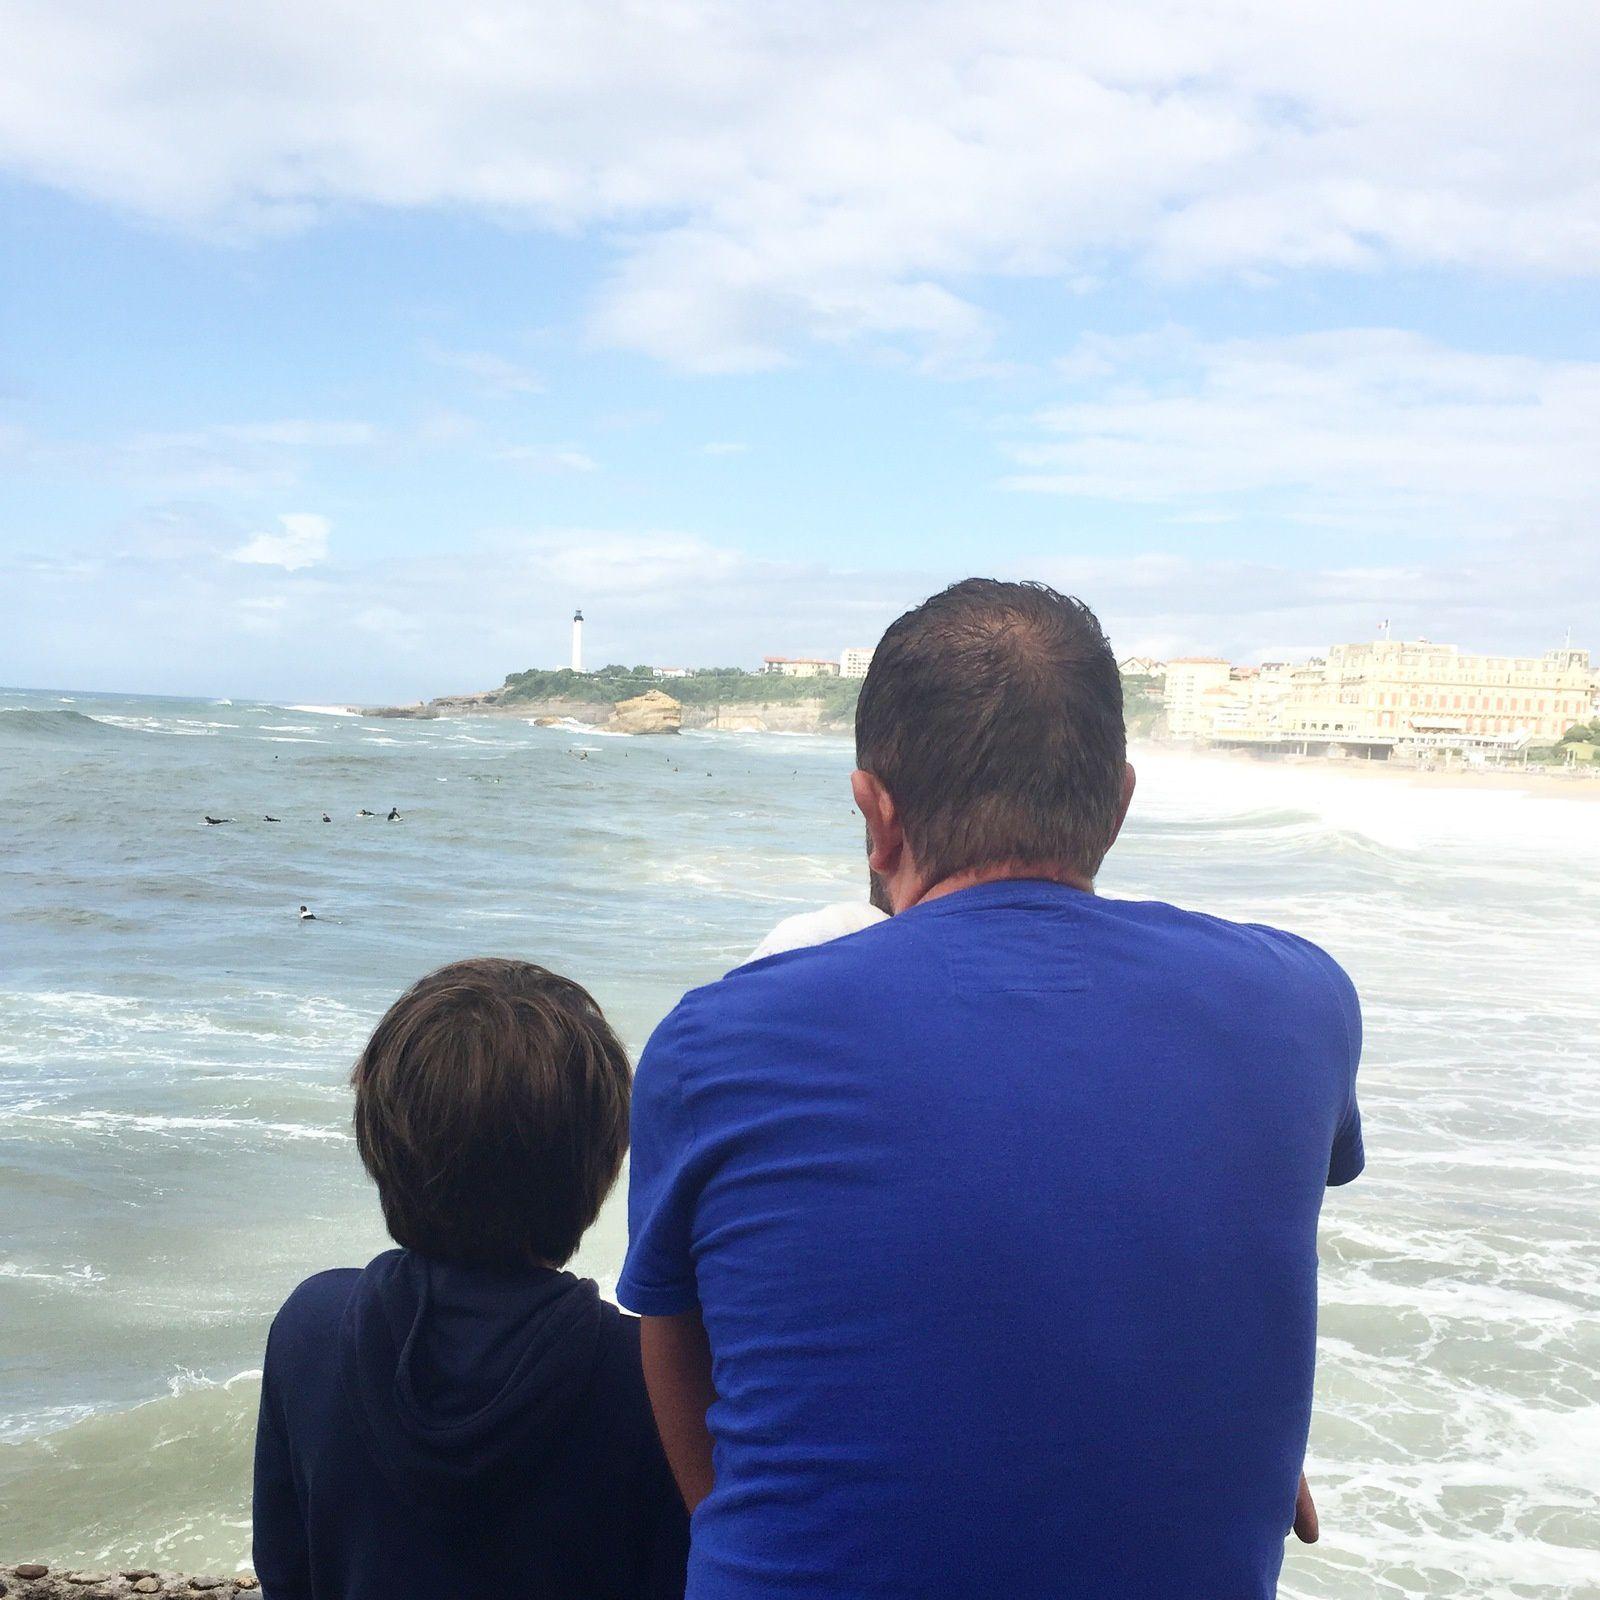 Visite de Biarritz, coup de coeur pour cette ville et promesse d'y revenir. Le déjeuner au Galion, face à la mer fut magique.